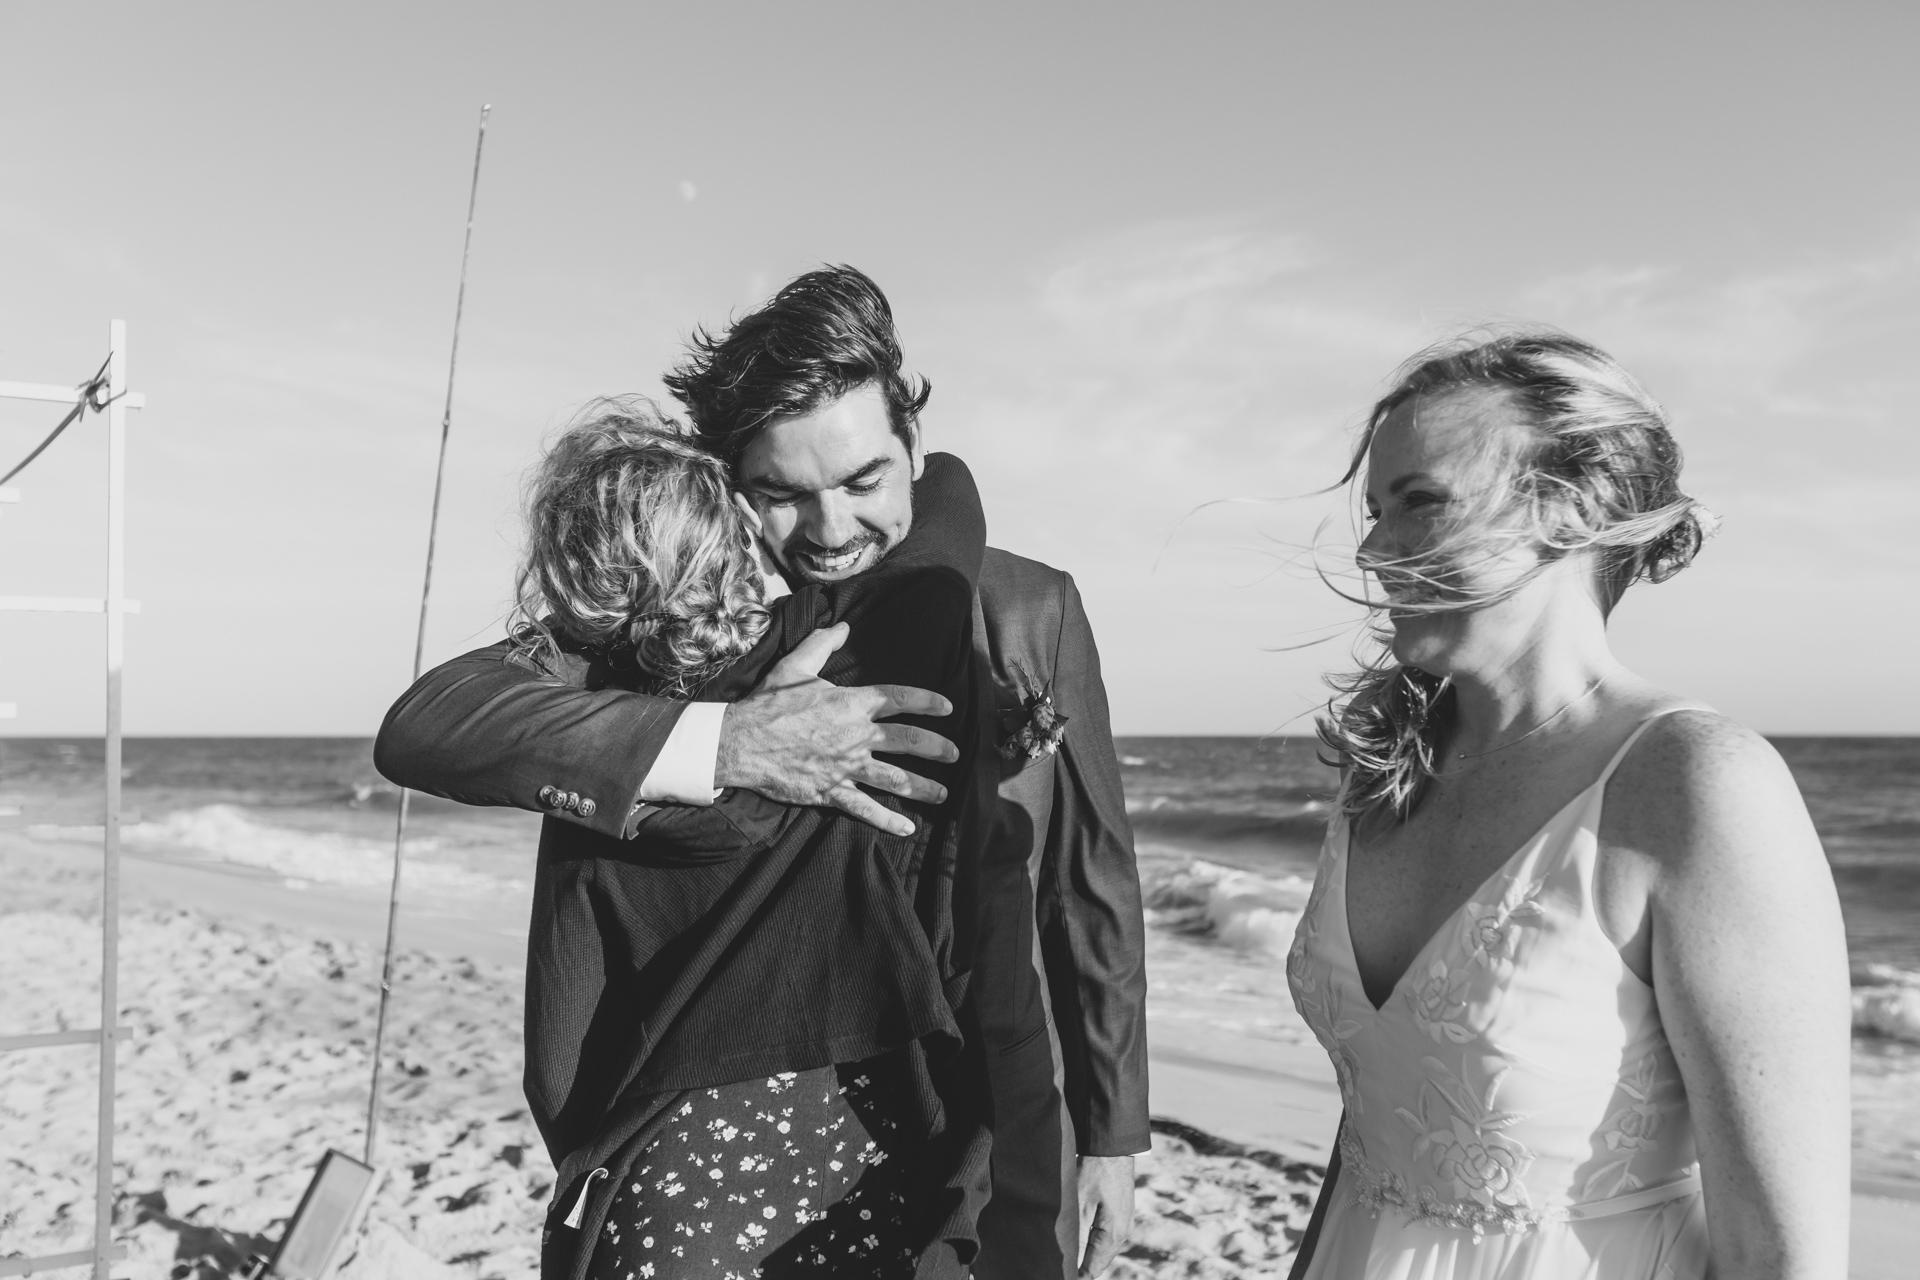 Photographe de mariage MA Beach | Des câlins après la cérémonie